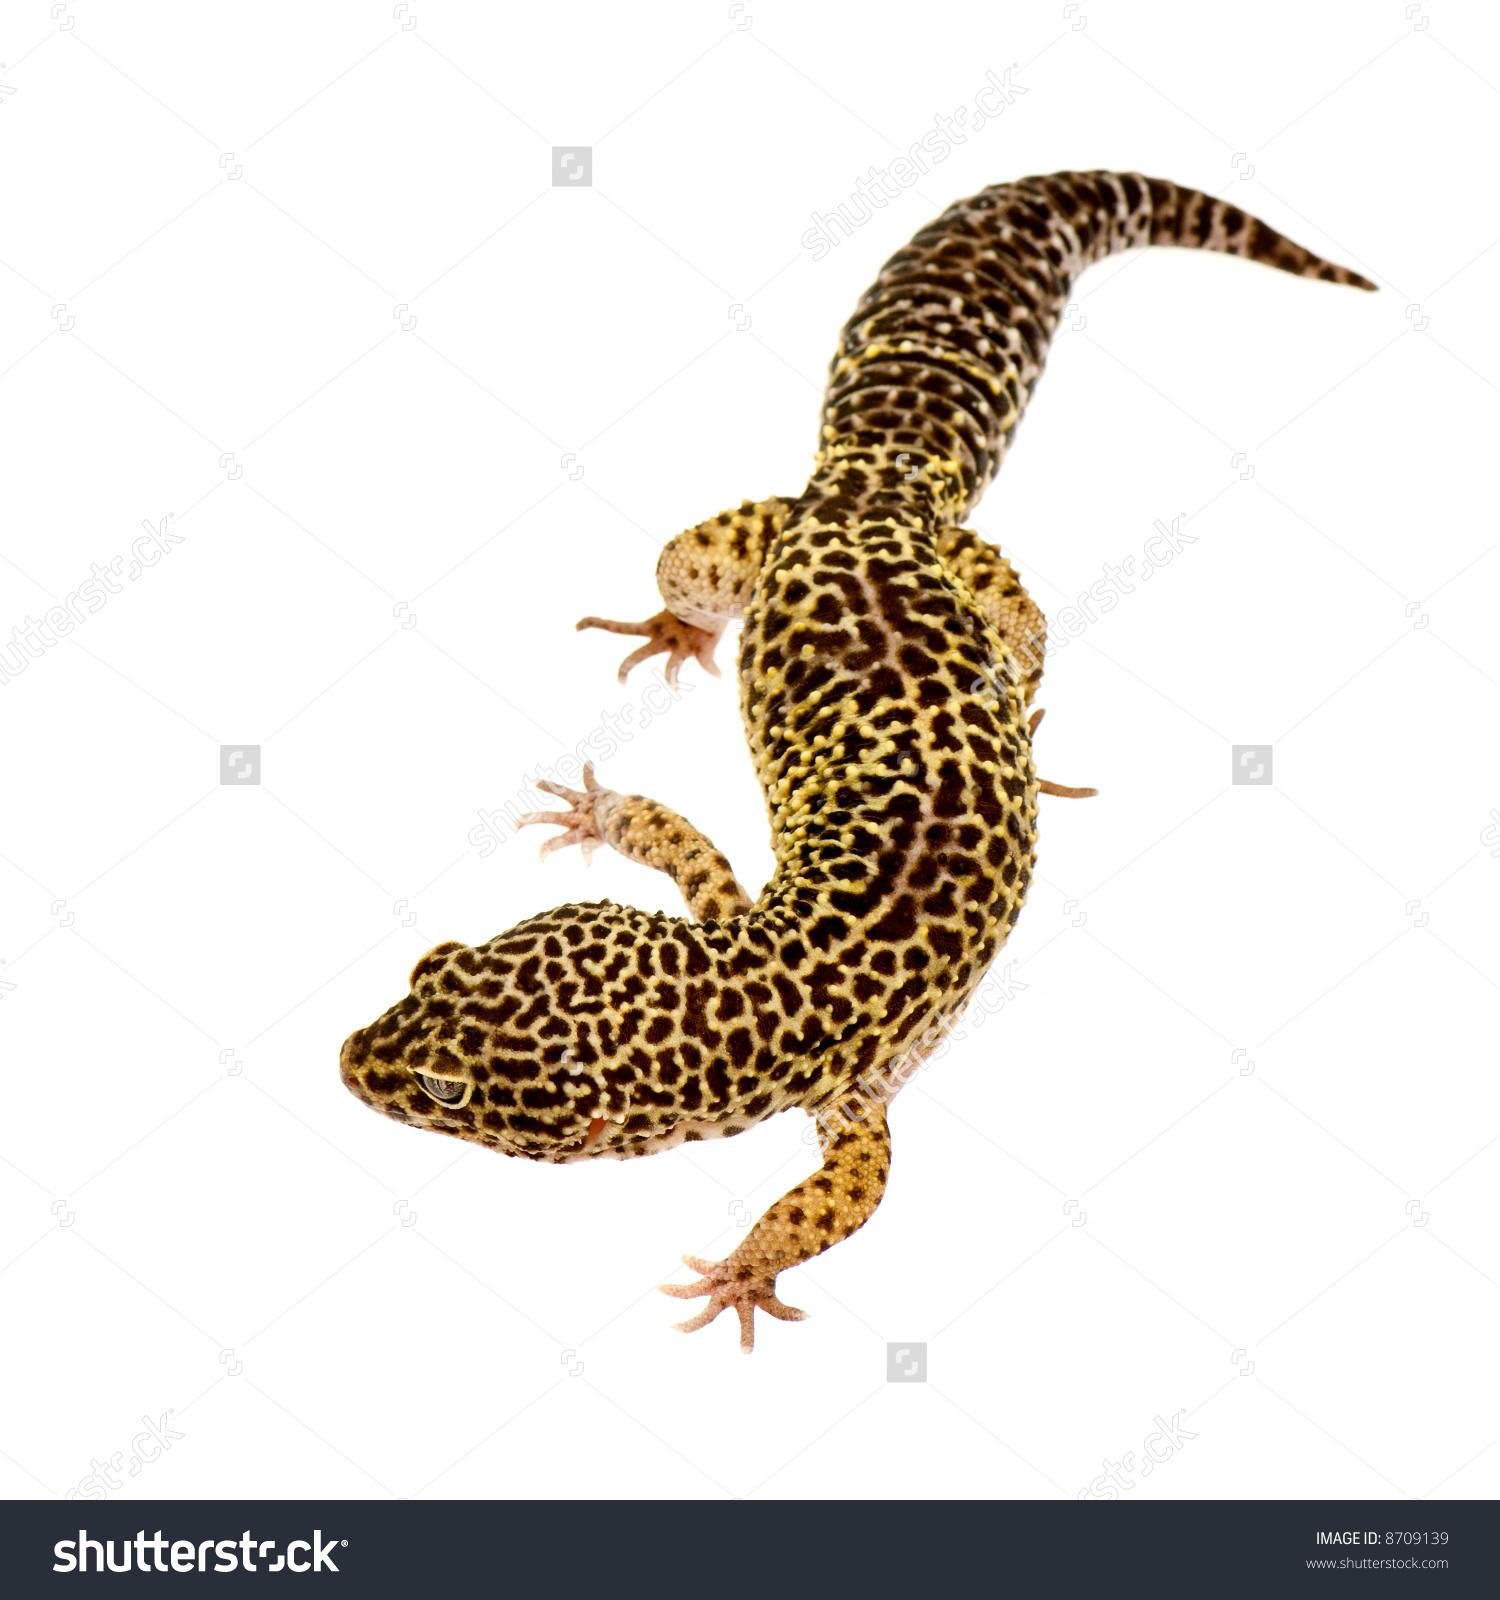 Leopard Lizard clipart crested Clipart Lizard Leopard Lizard Leopard